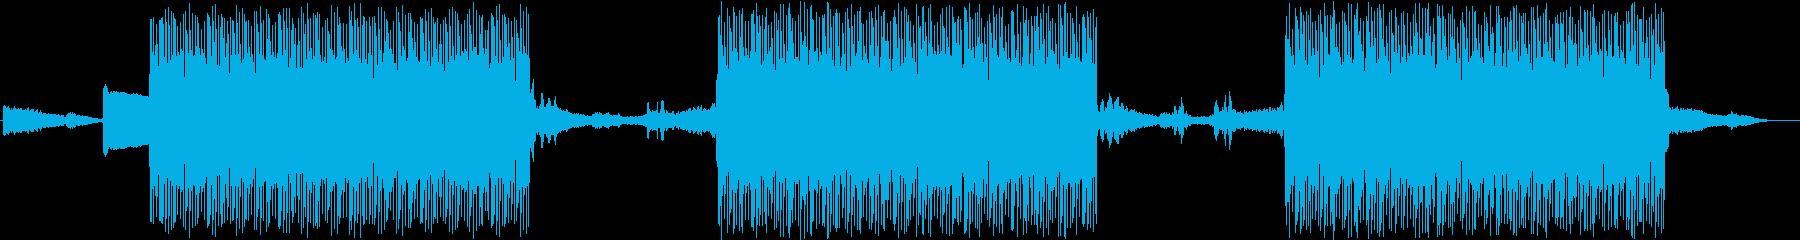 怪しい雰囲気のヒップホップビートです。の再生済みの波形